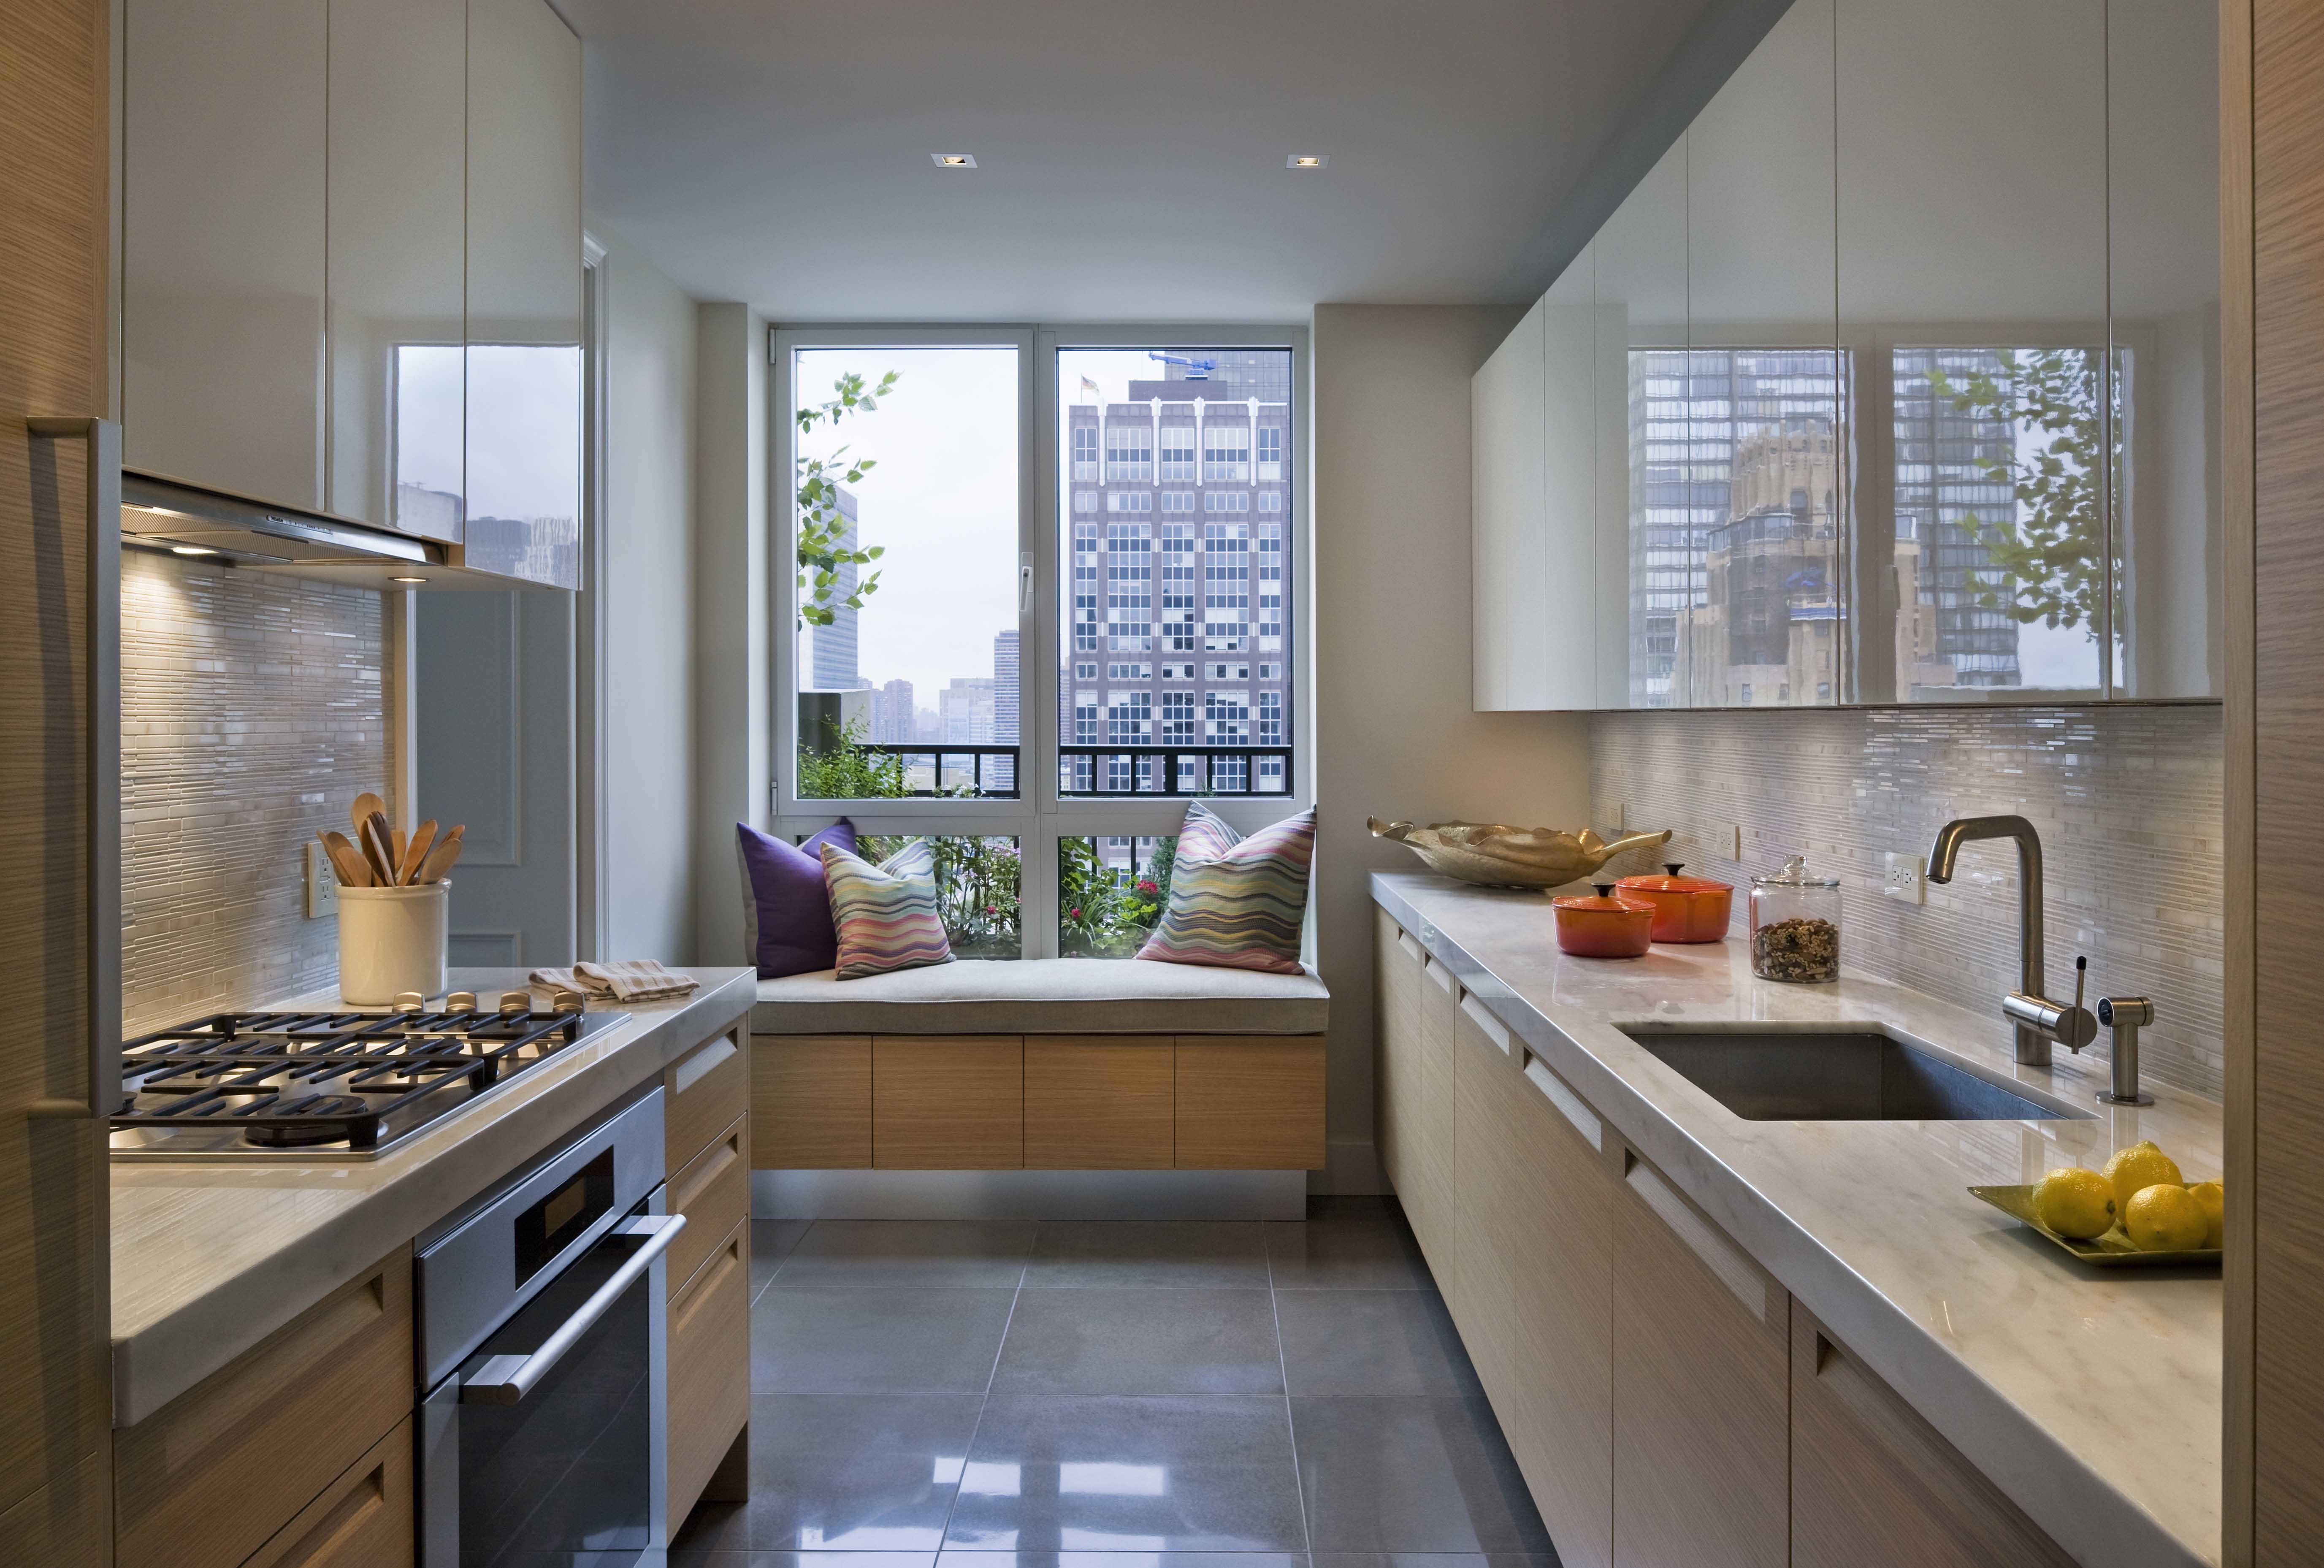 """Дизайн интерьера кухни с окном """" современный дизайн."""